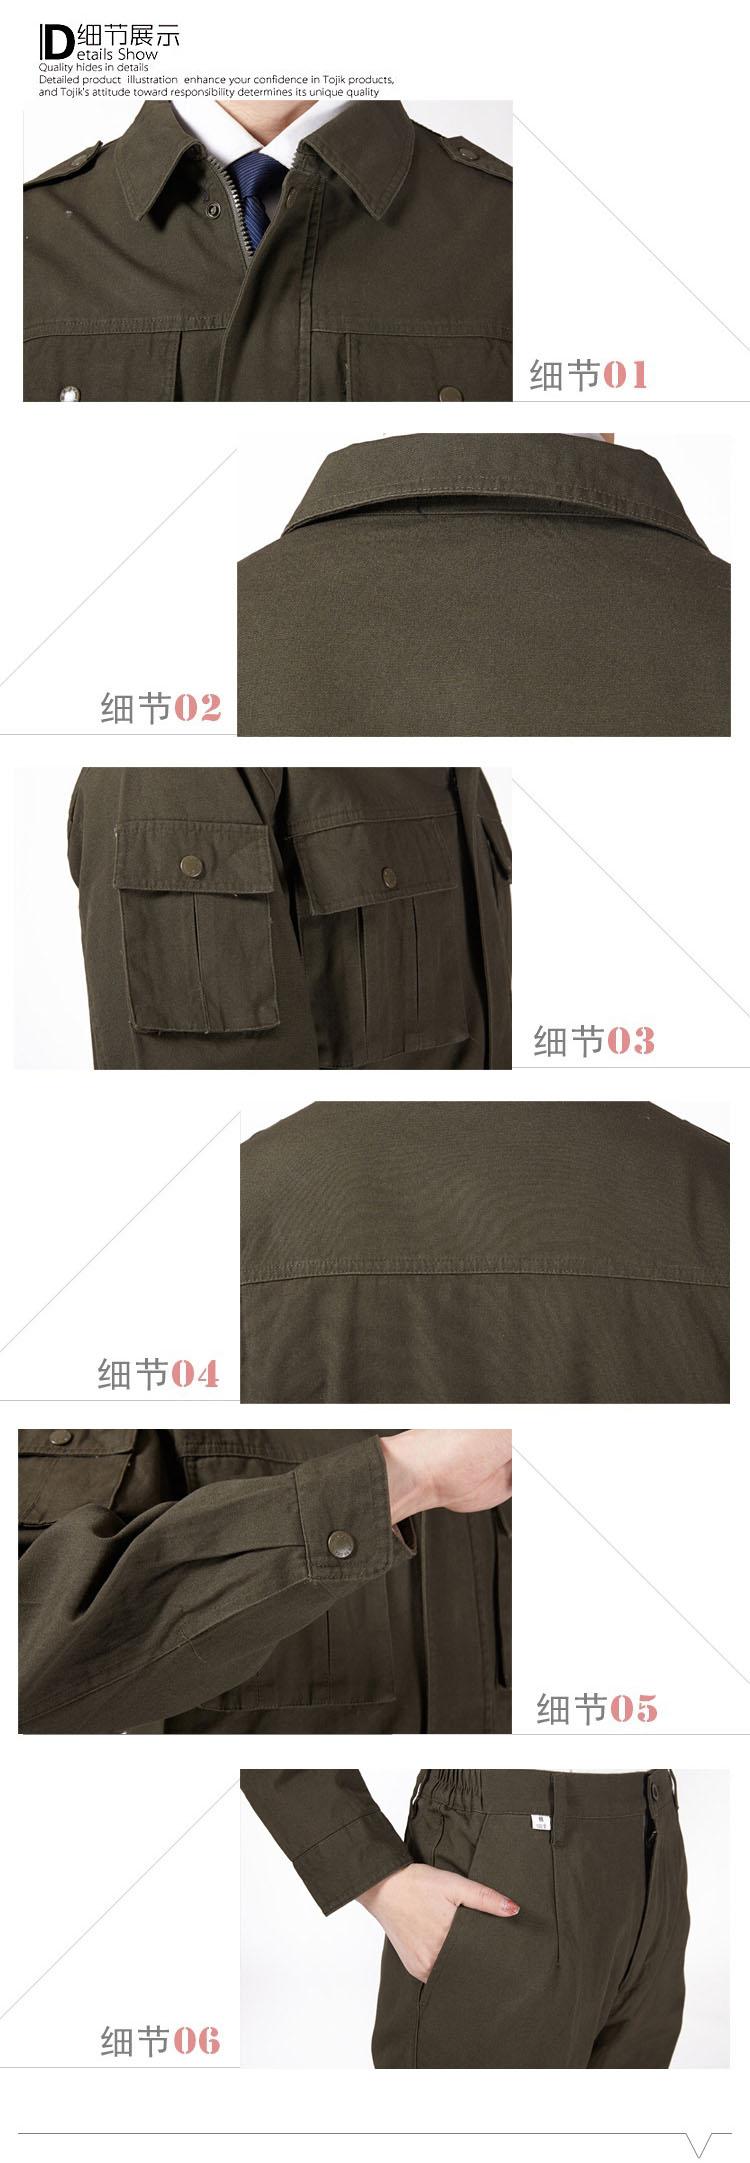 【厂家直销】供应春秋纯棉长袖工作服男女套装 -01图片六